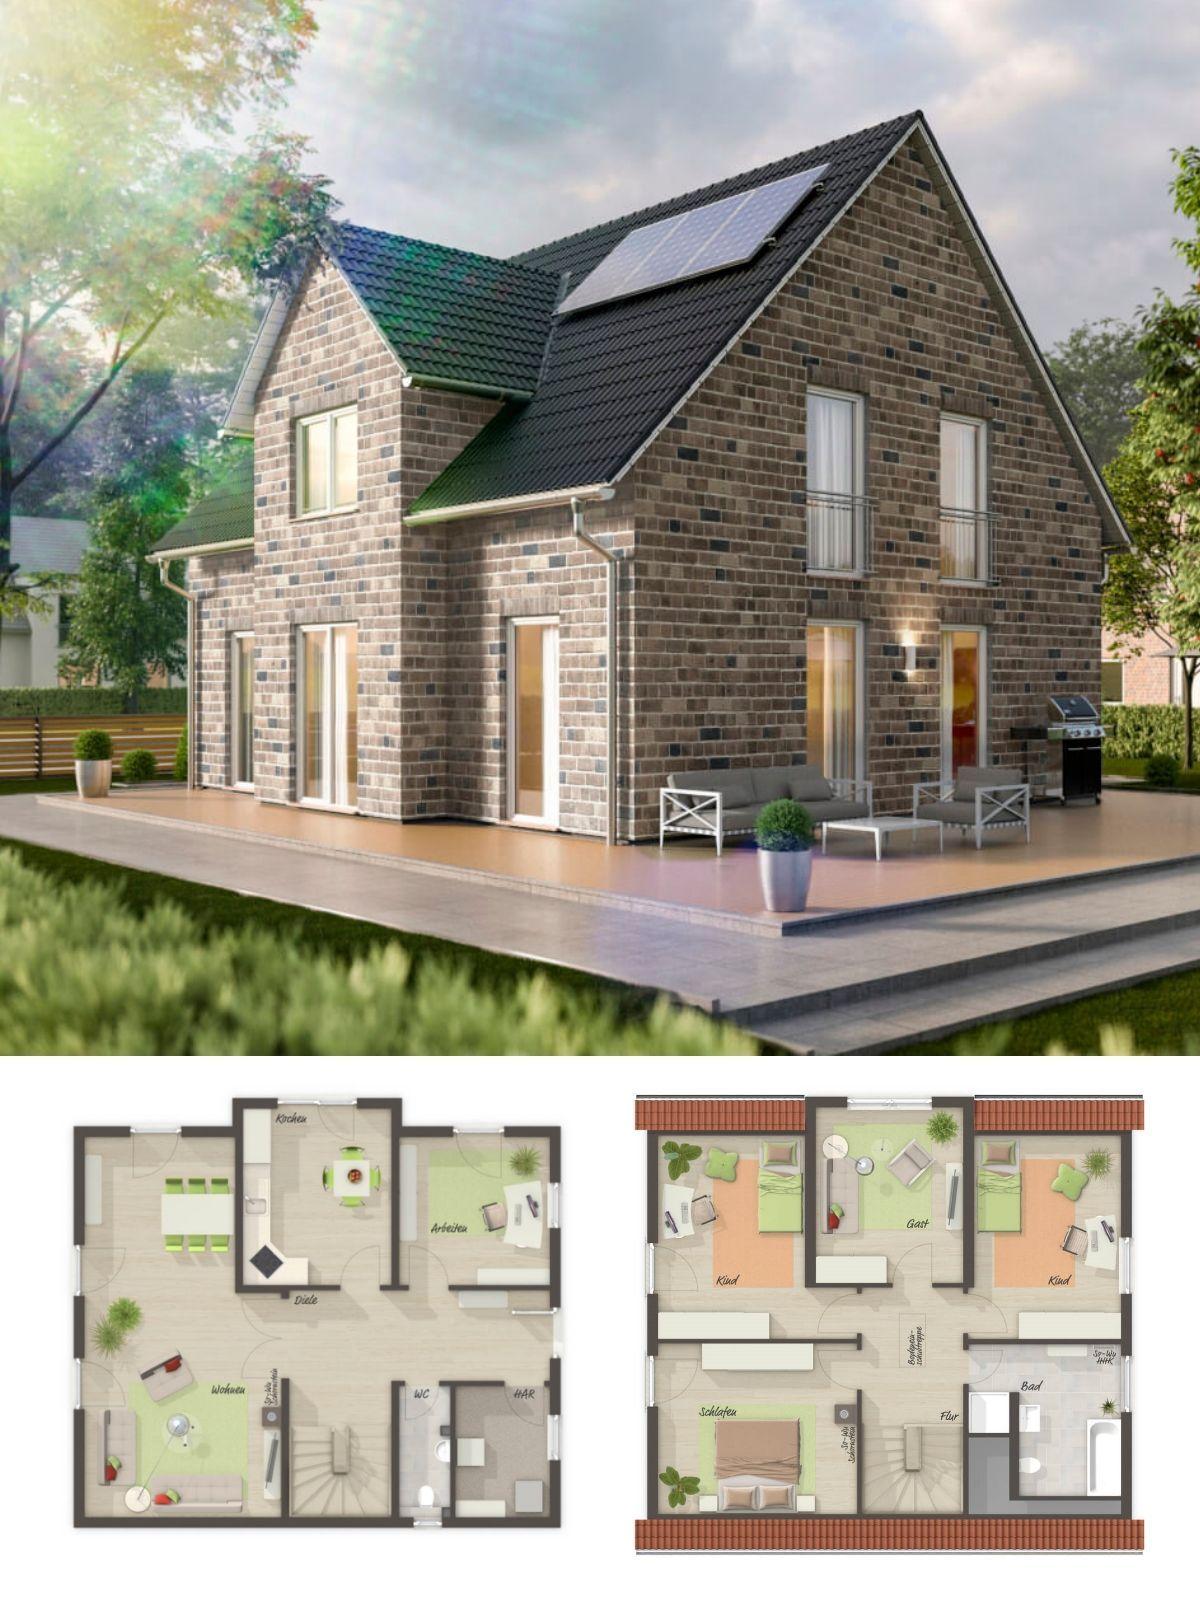 Geliebte Einfamilienhaus Neubau im Landhausstil mit Klinker Fassade @VR_48